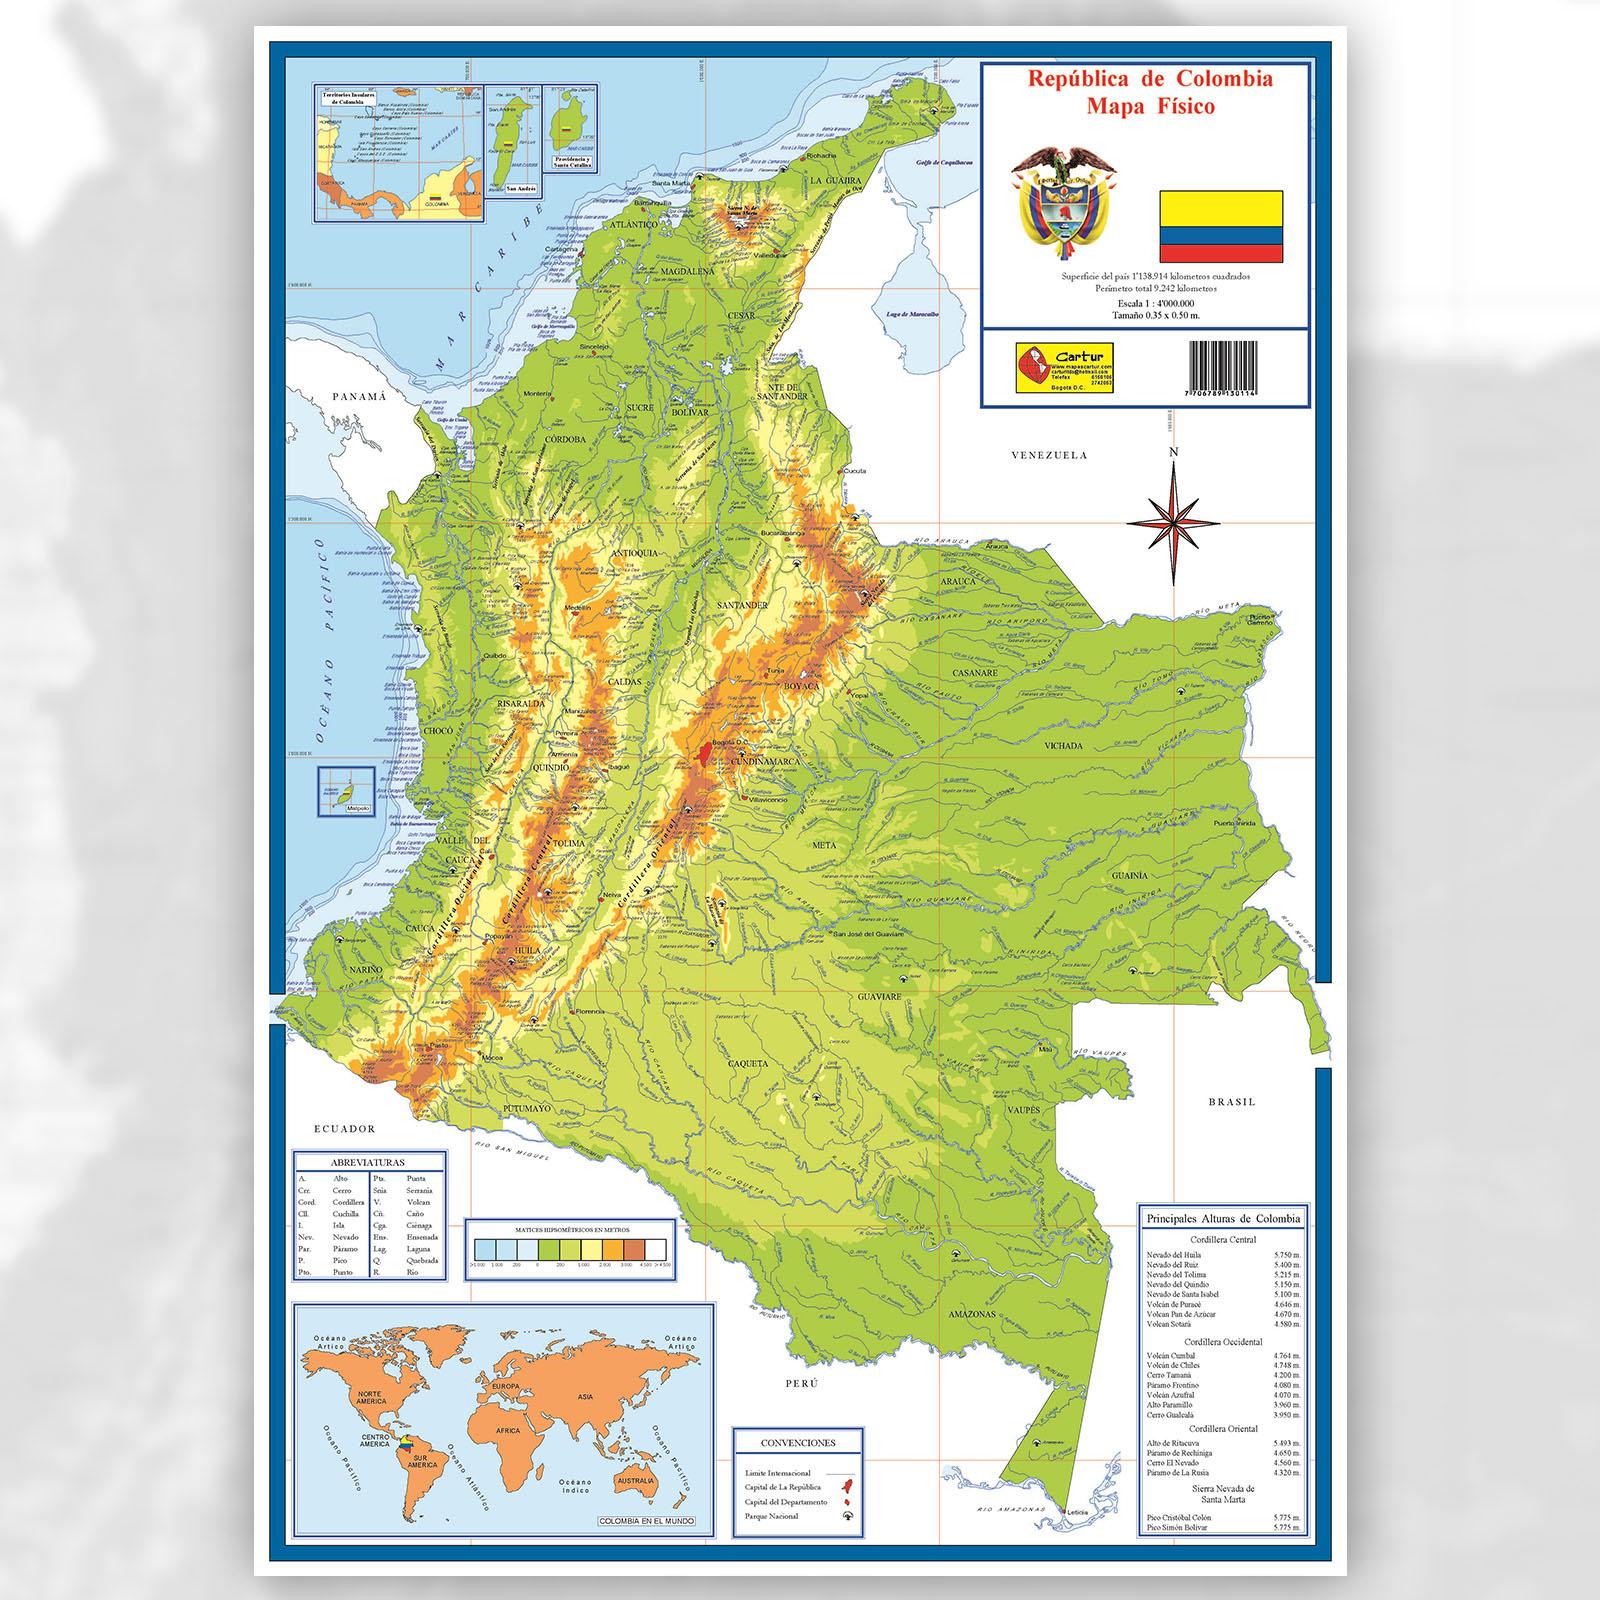 Mapa de Colombia con sus lmites  Mapa Fsico Geogrfico